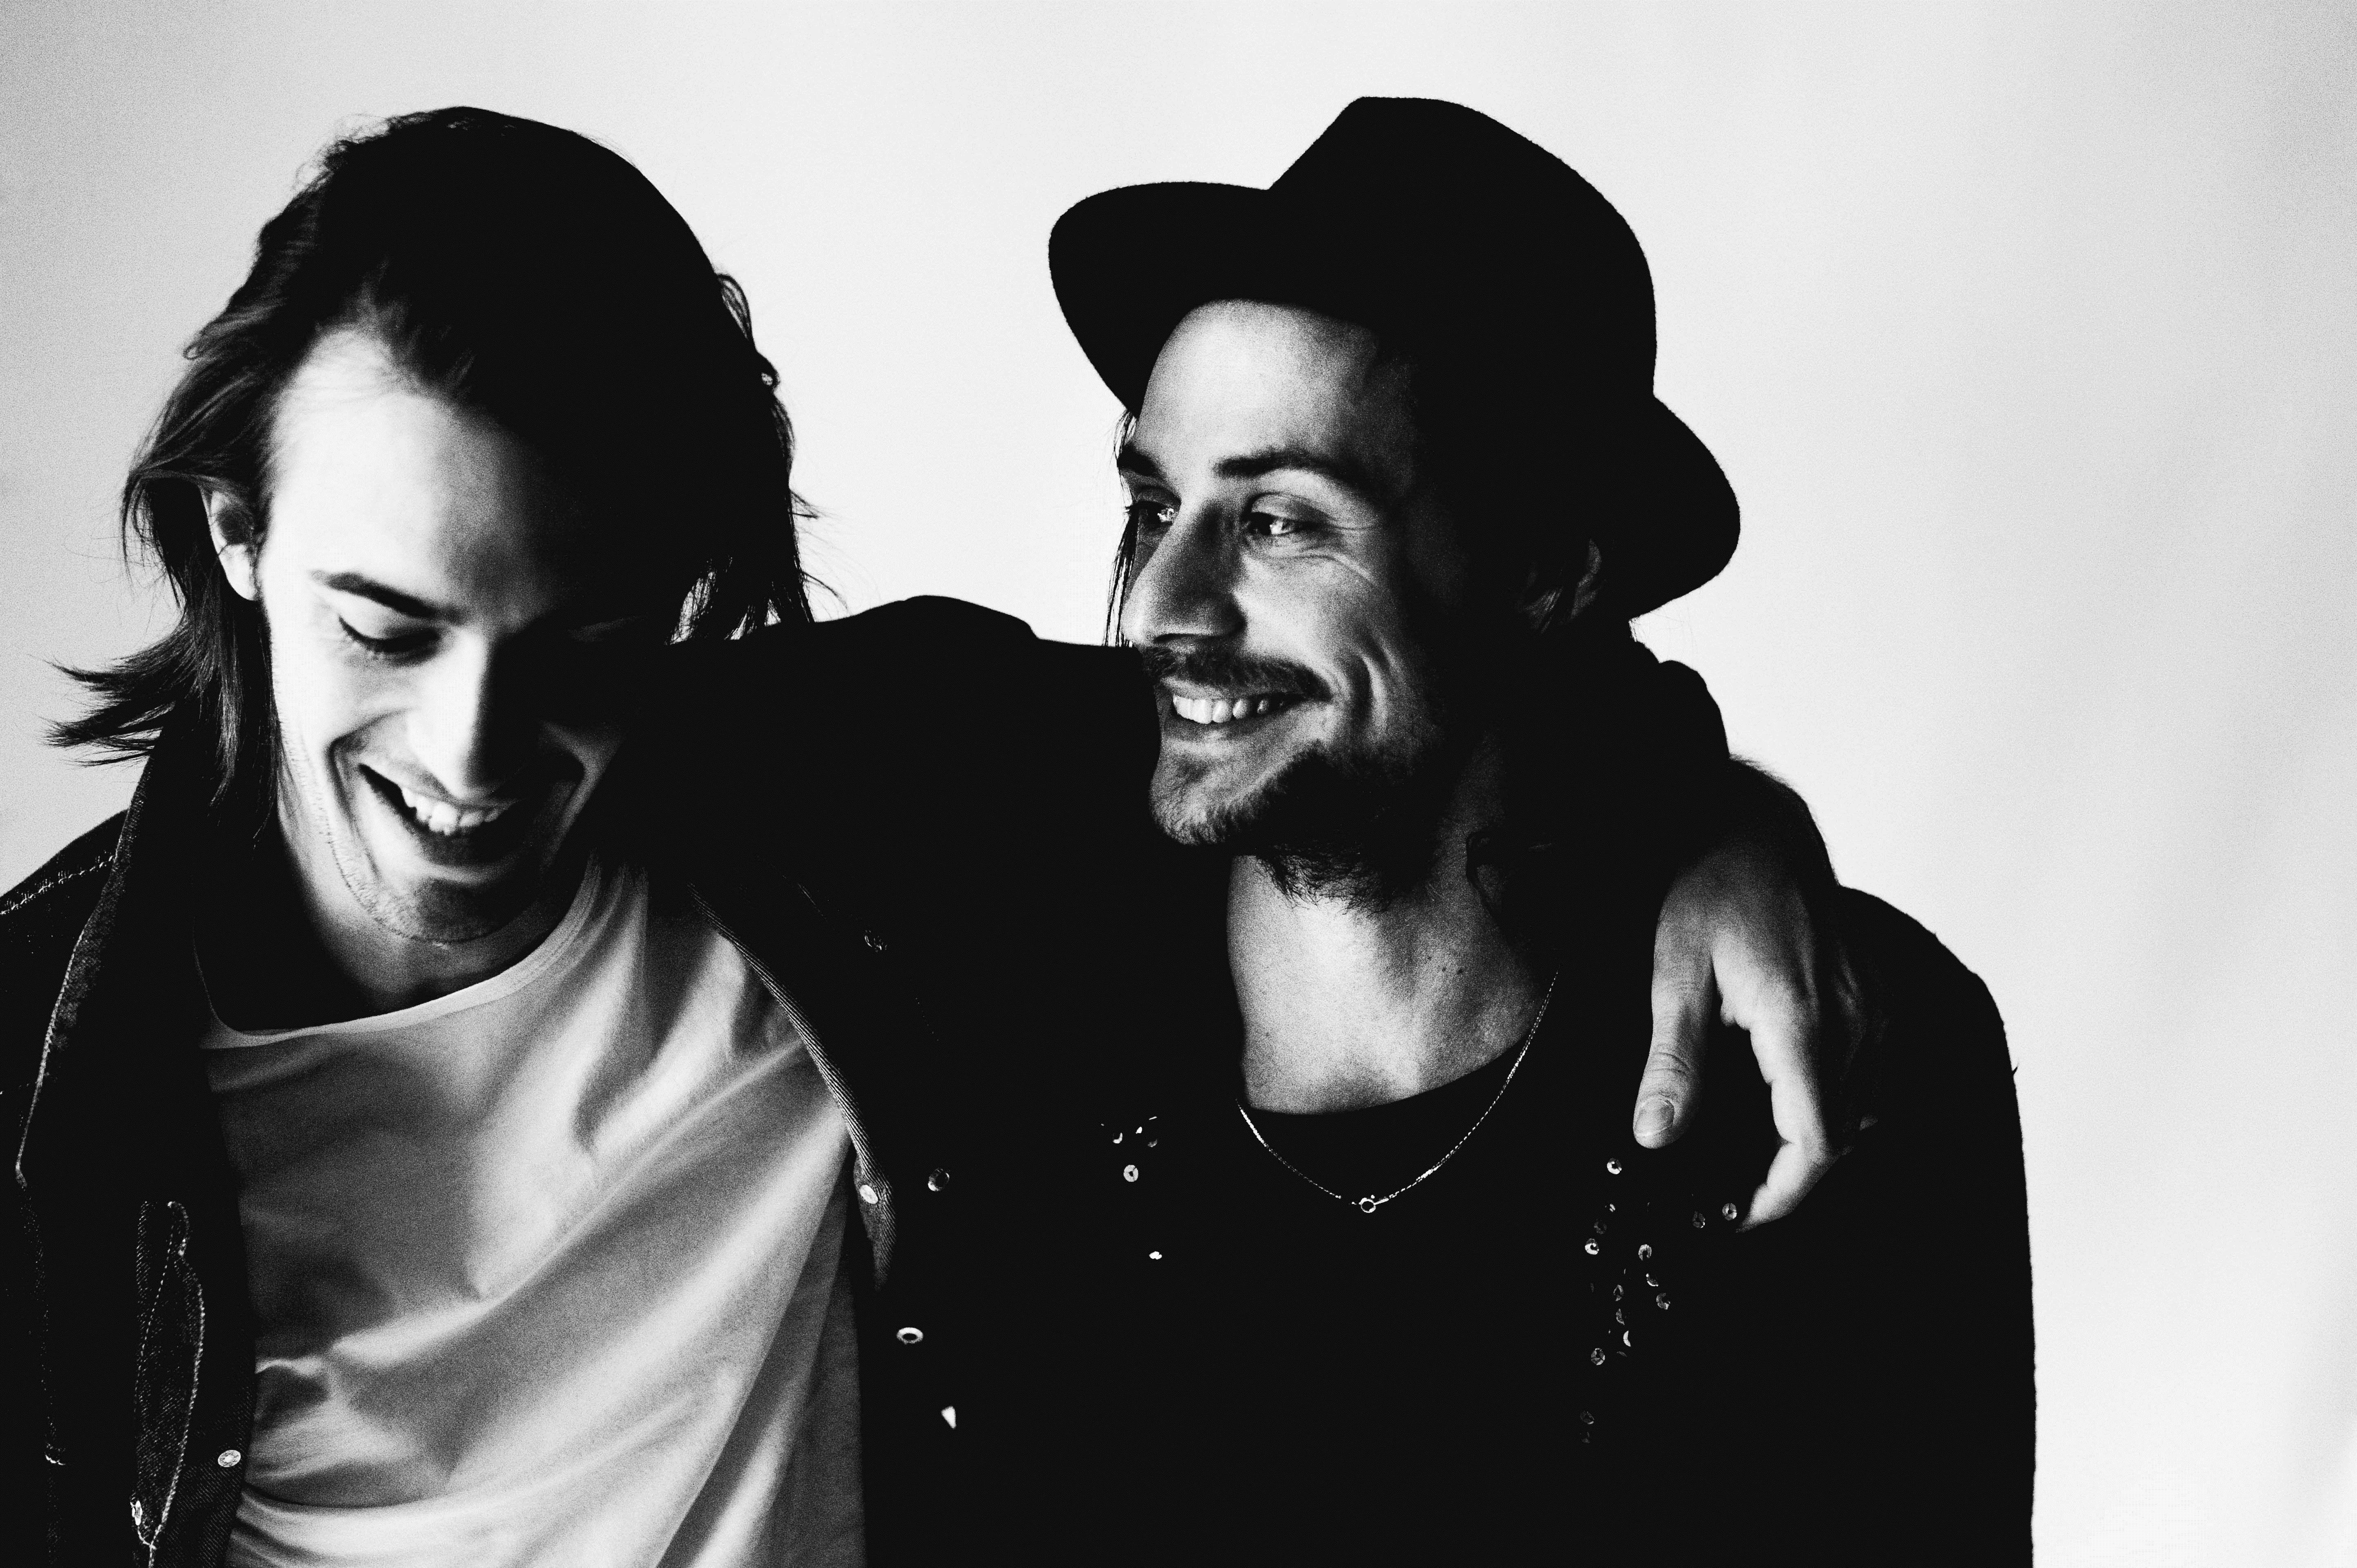 """Milliarden – ihre Debüt-EP """"Kokain und Himbeereis"""" wird zur Plattenladenwoche 2015 als exklusive 10'-Vinyl neu aufgelegt."""